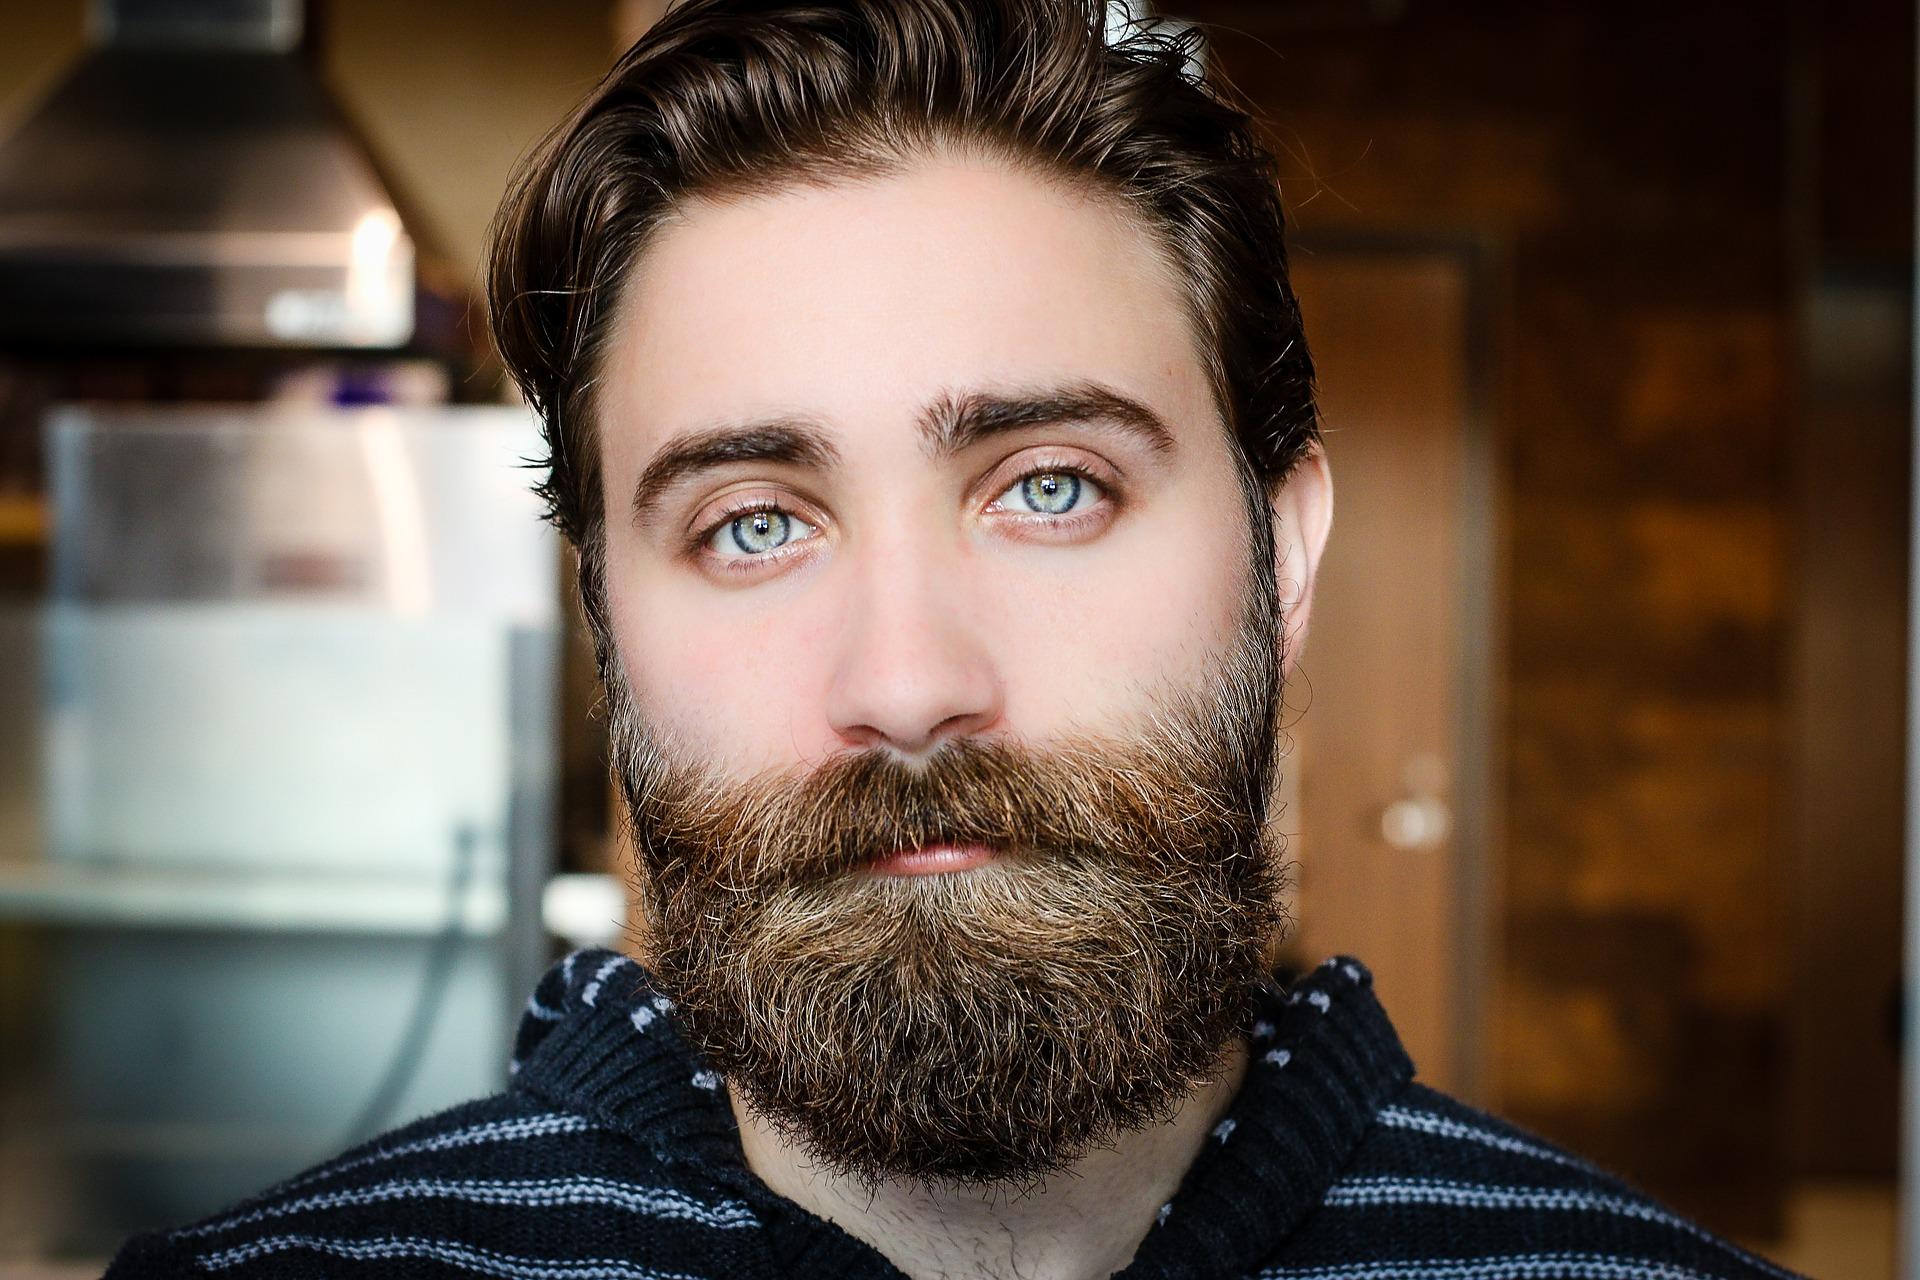 Todo lo que necesitas saber sobre el afeitado masculino